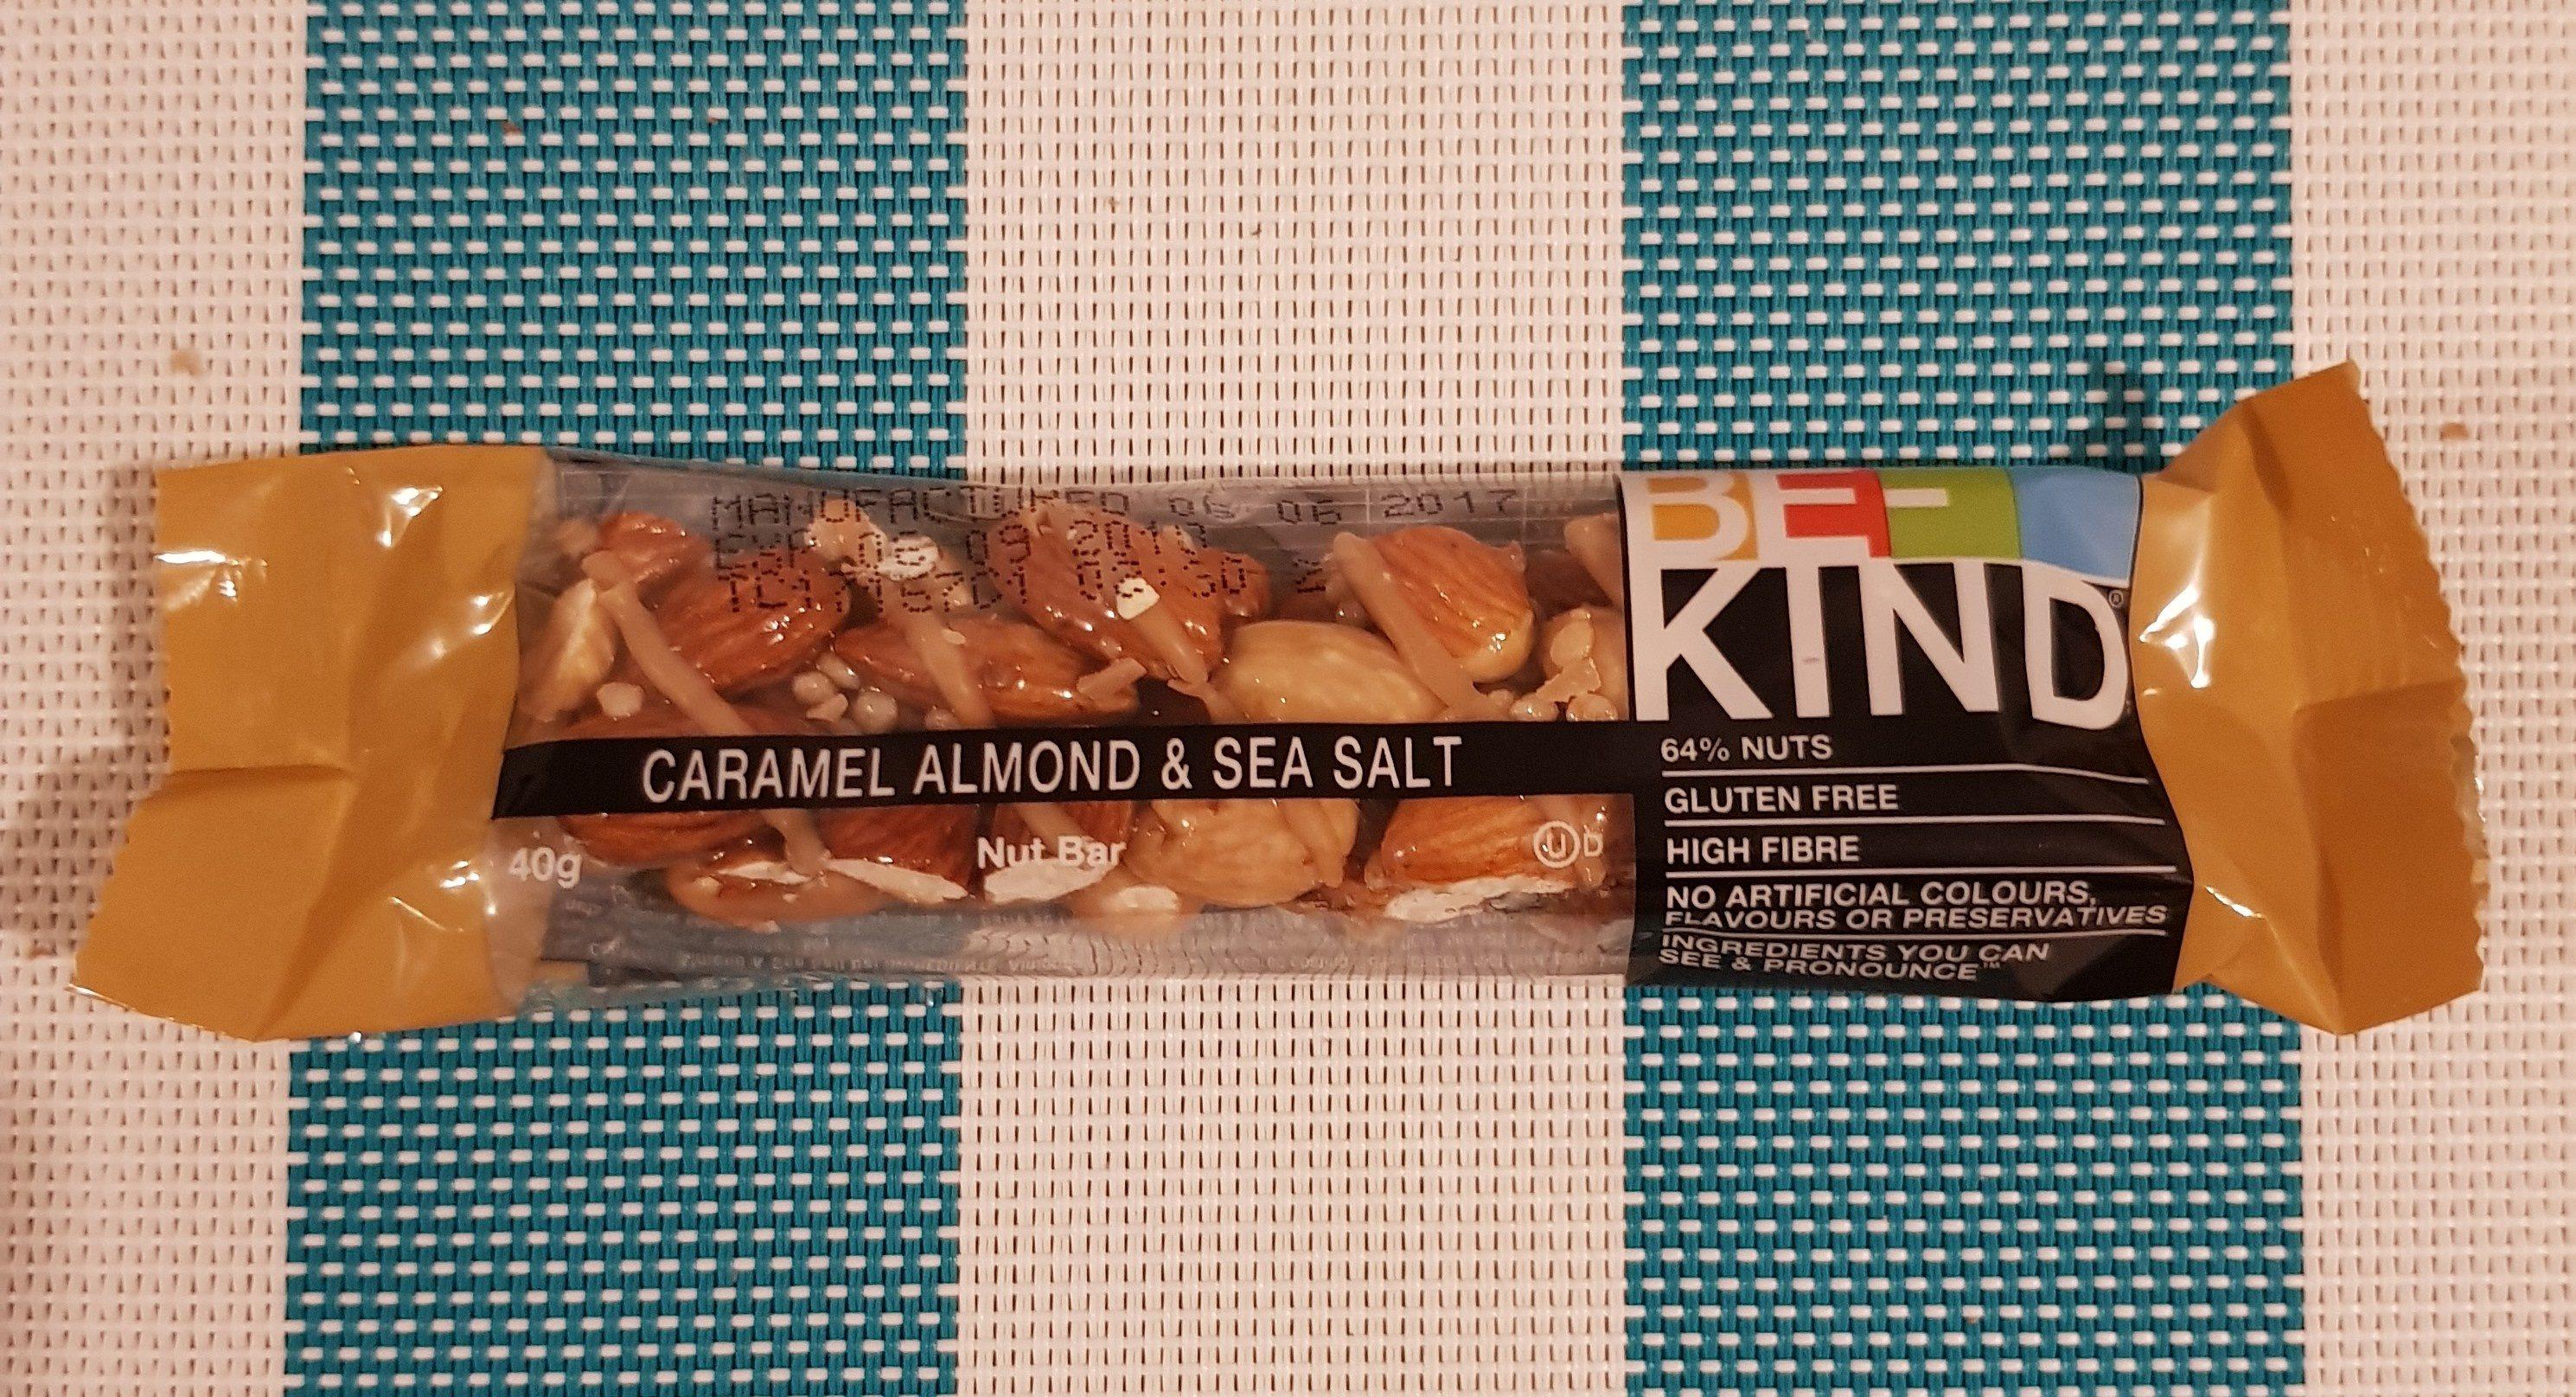 Caramel Almond & Sea Salt - Product